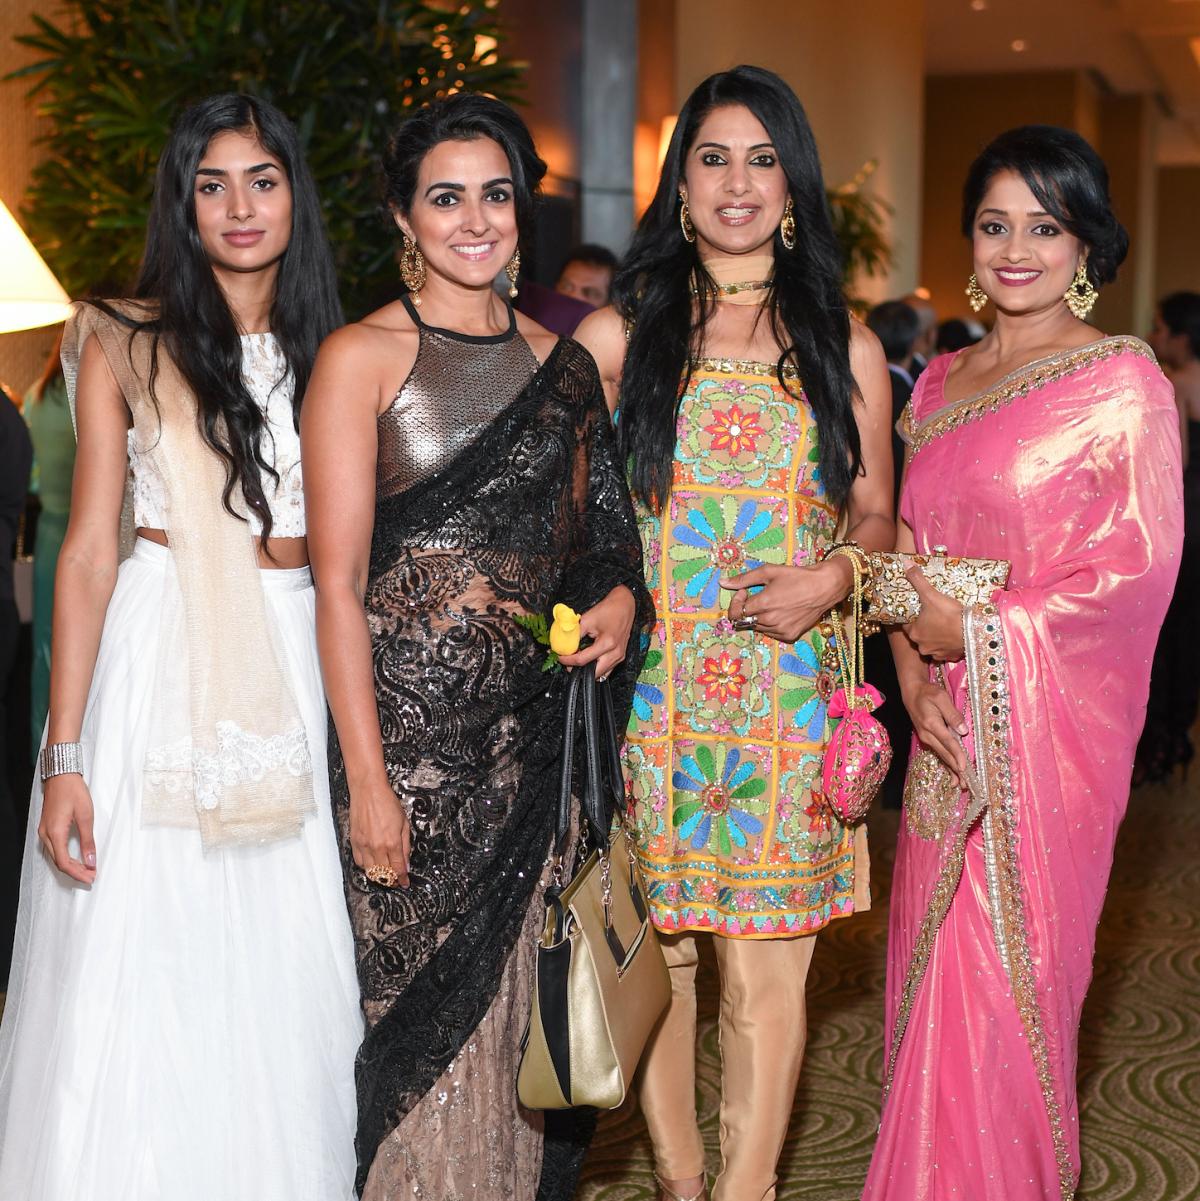 Pratham Gala, Pooja Vettical, Mini V, Simran Kapoor, Sandhay Ayyar